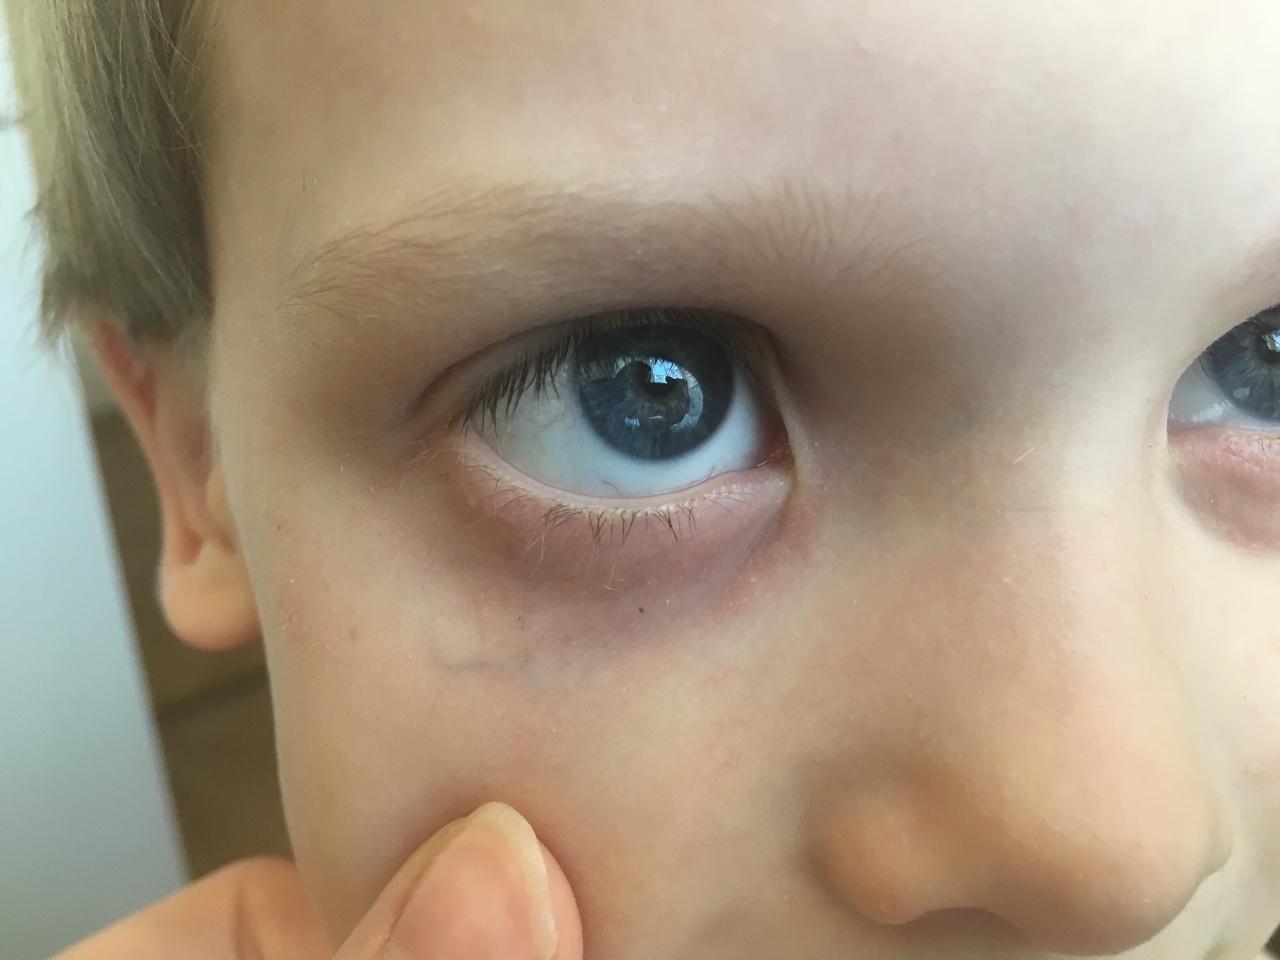 Доктор комаровский о причинах синяков под глазами у ребенка: почему у ребенка темные круги